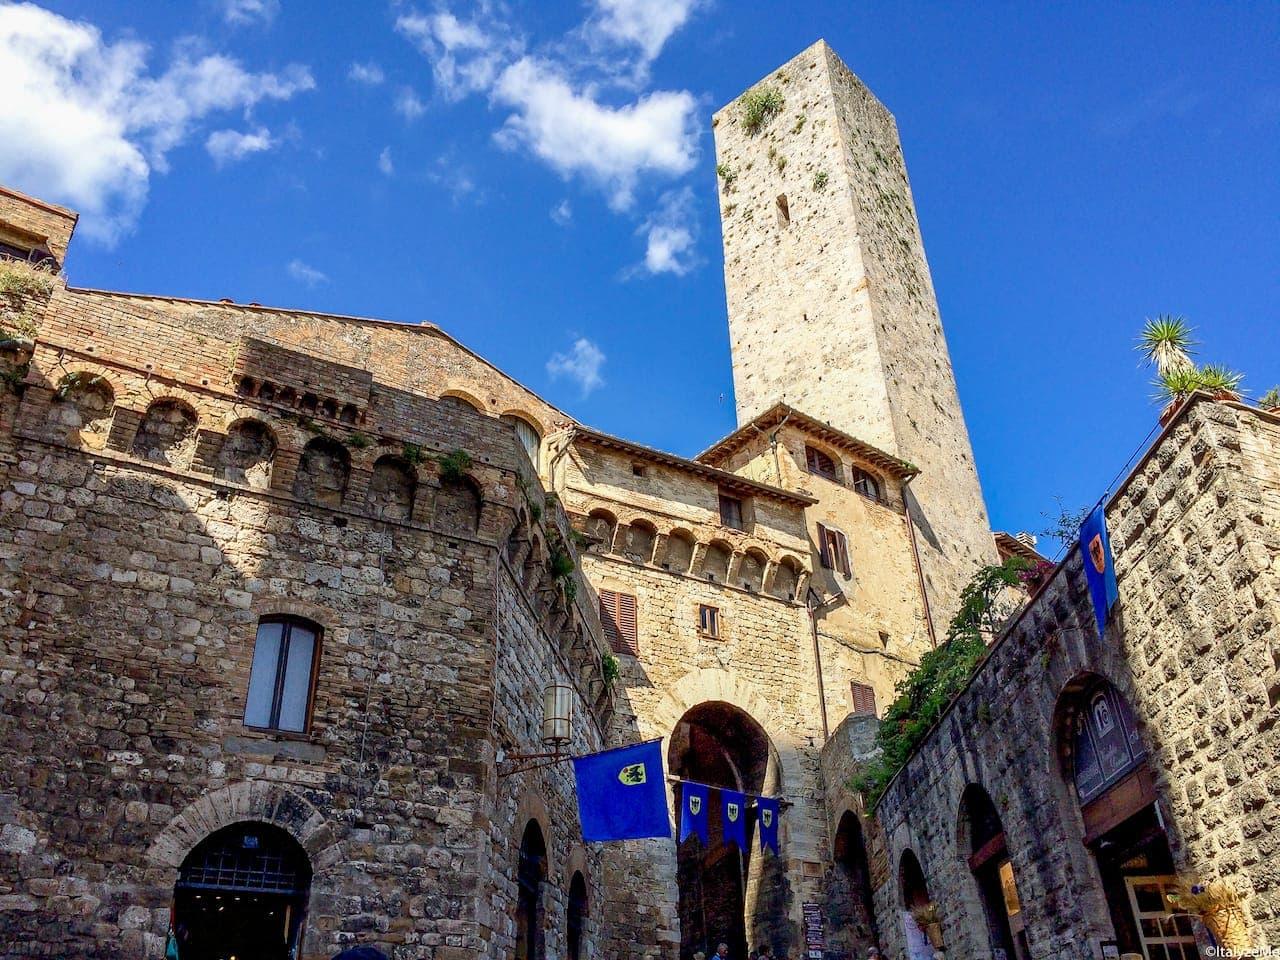 L'Arco de' Becci con la sua torre: maestoso ed imponente ingresso a Piazza della Cisterna